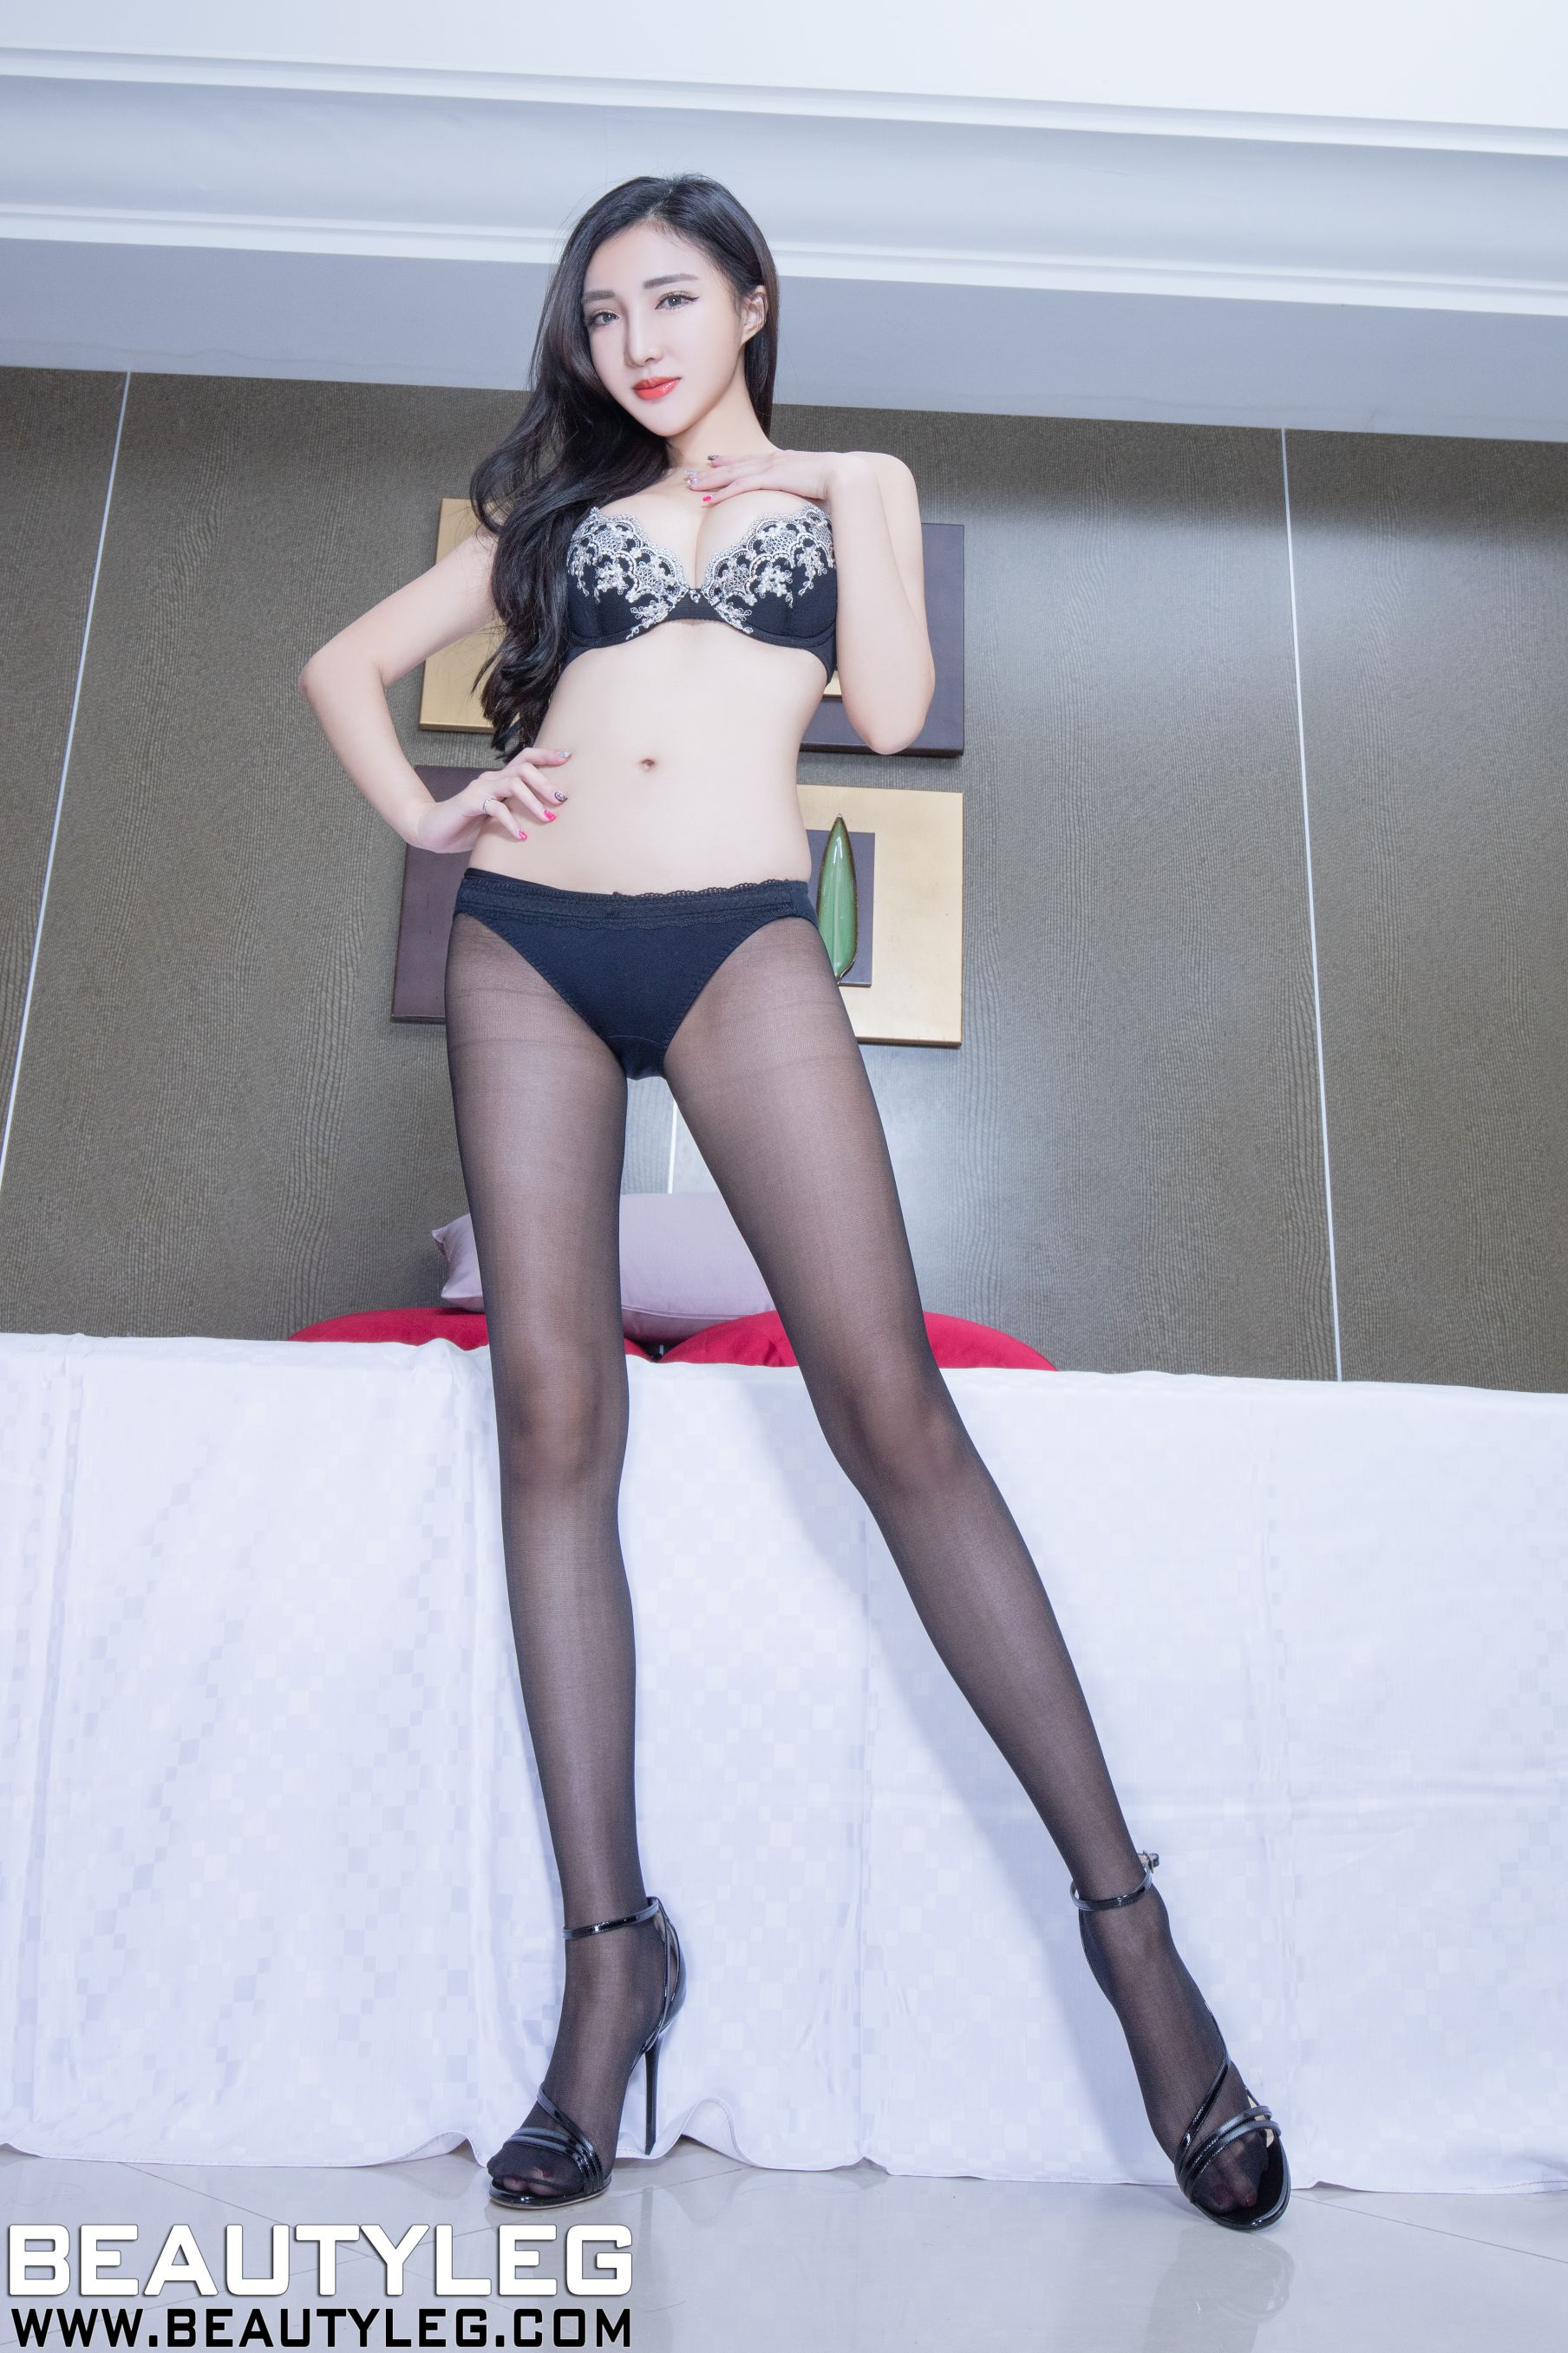 VOL.300 [Beautyleg]高跟腿模长腿美女:赵芸(腿模Syuan,Syuan赵芸)高品质写真套图(38P)